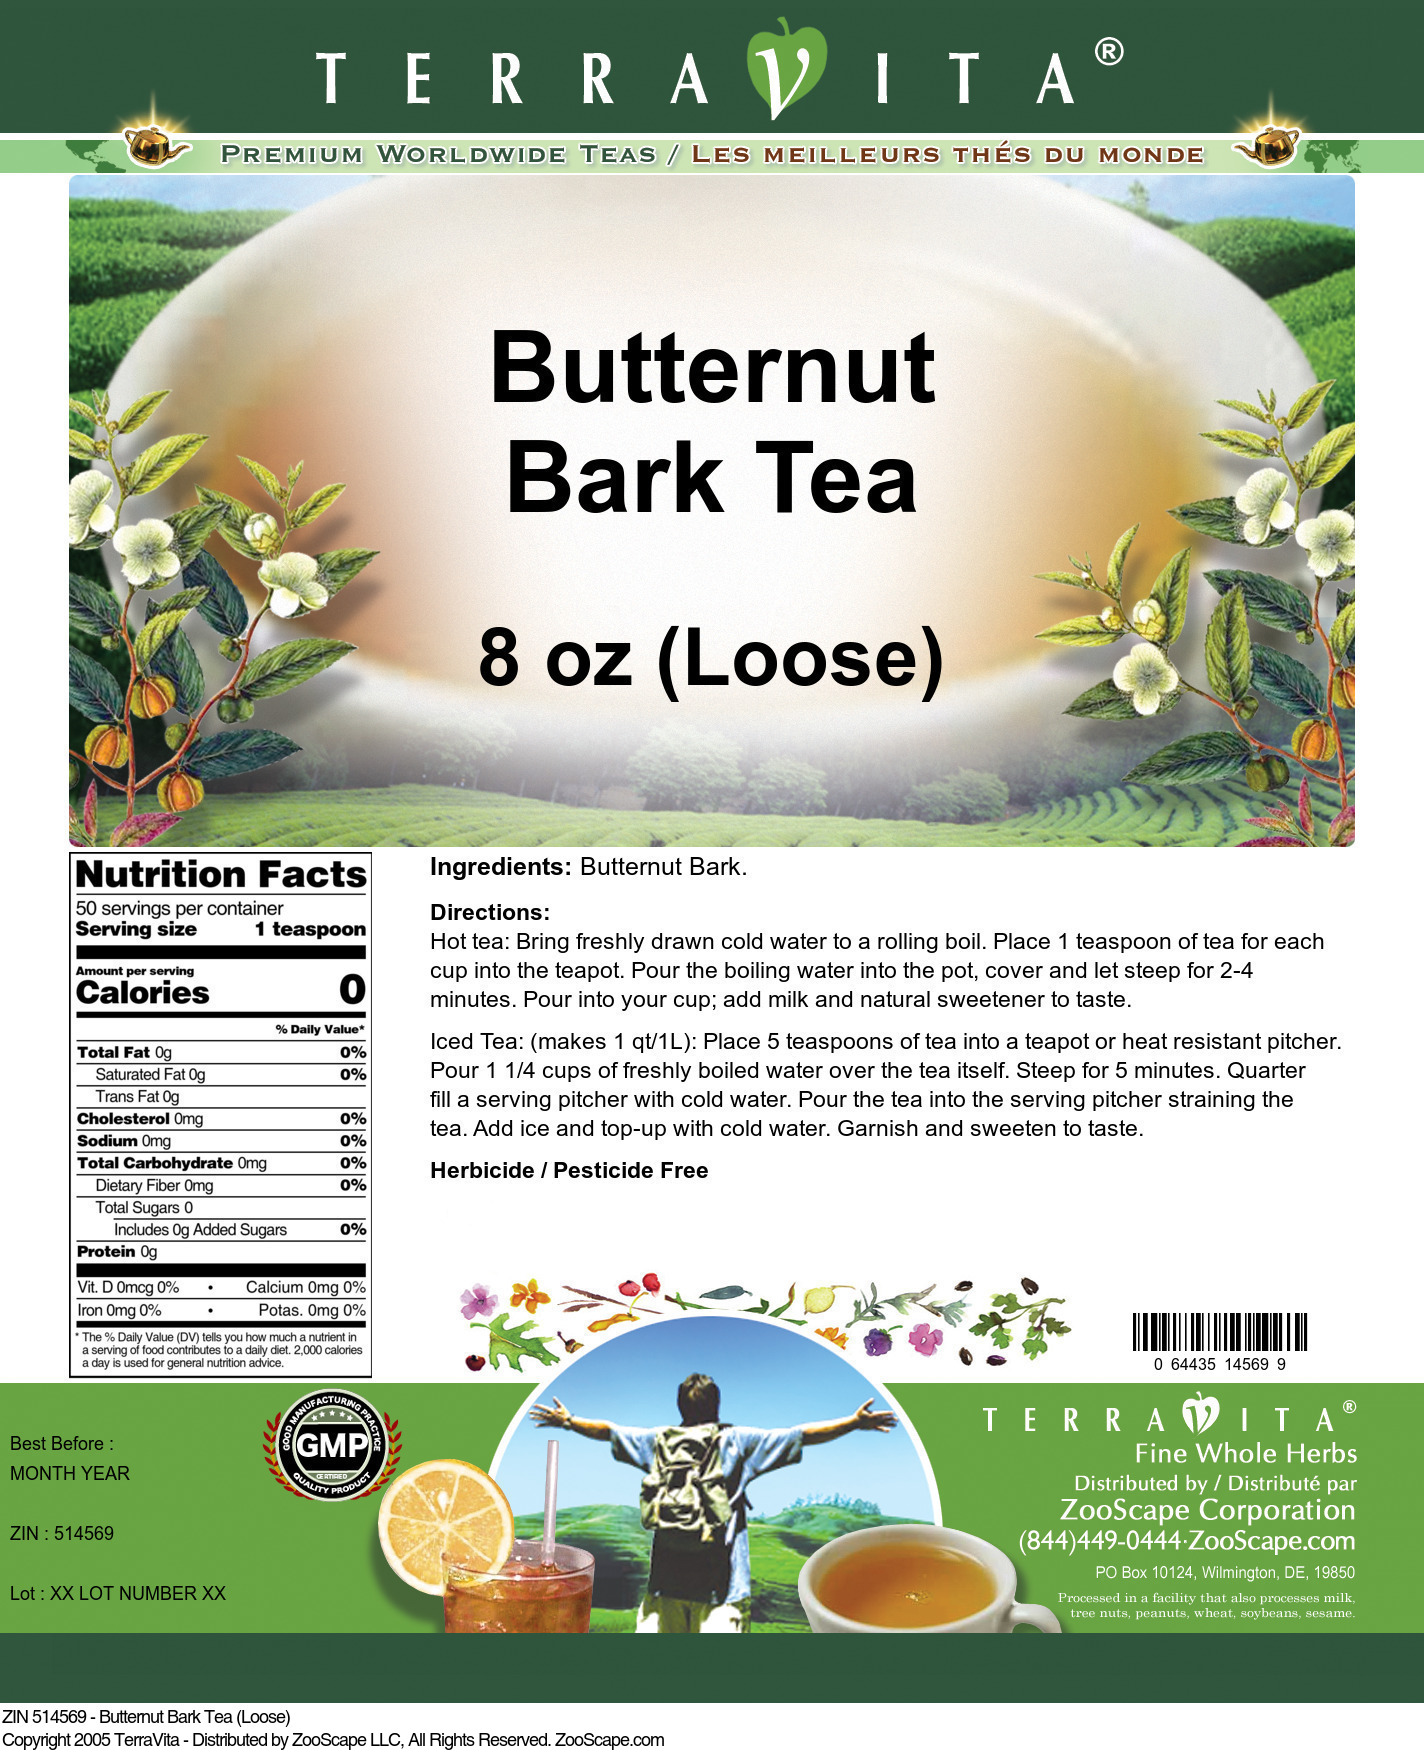 Butternut Bark Tea (Loose)